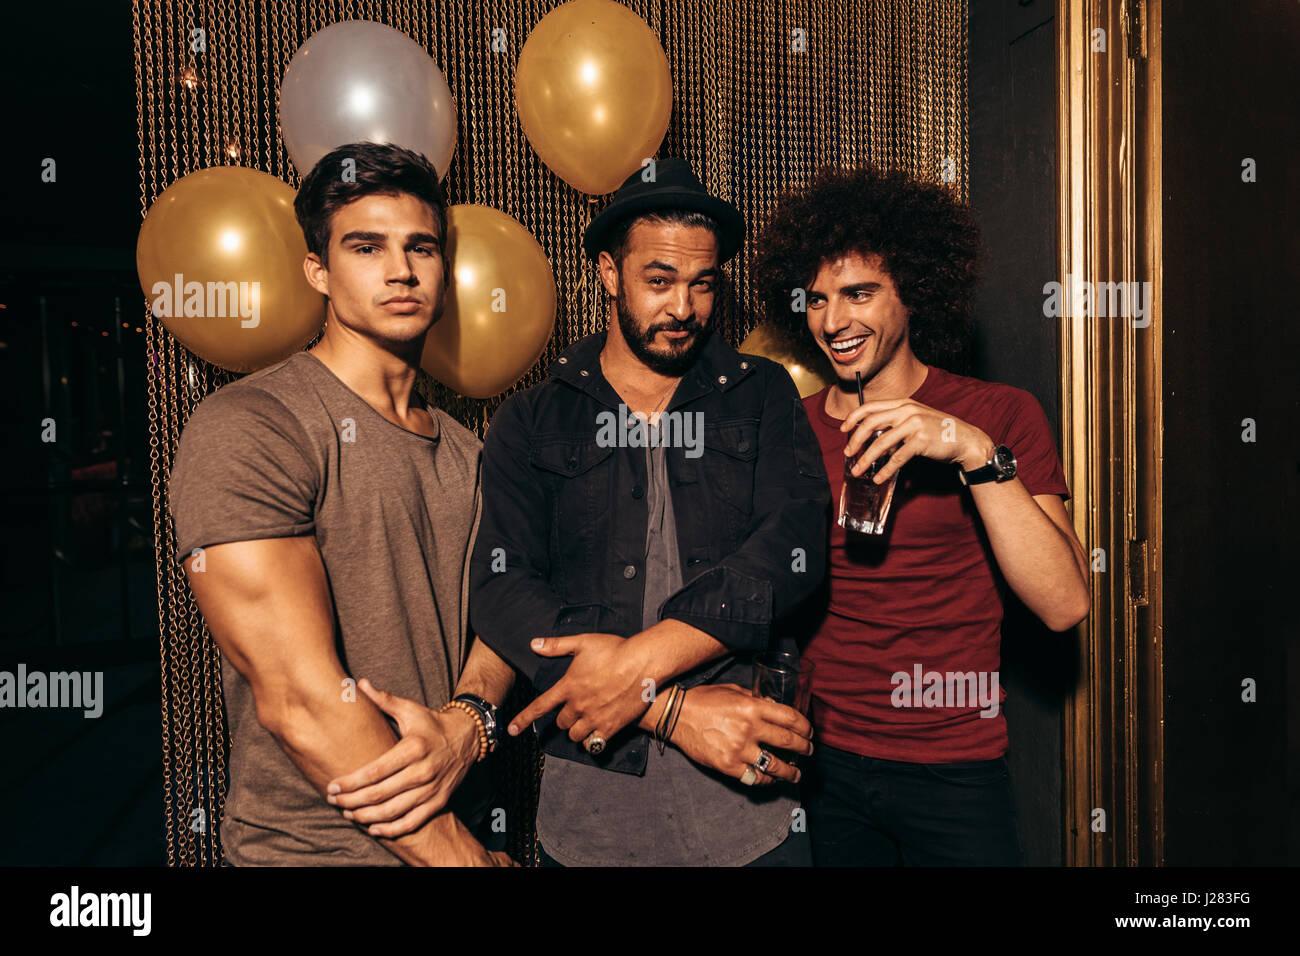 Porträt von drei jungen Männern, die Party in der Diskothek. Gruppe der Männer, die gute Zeiten im Stockbild